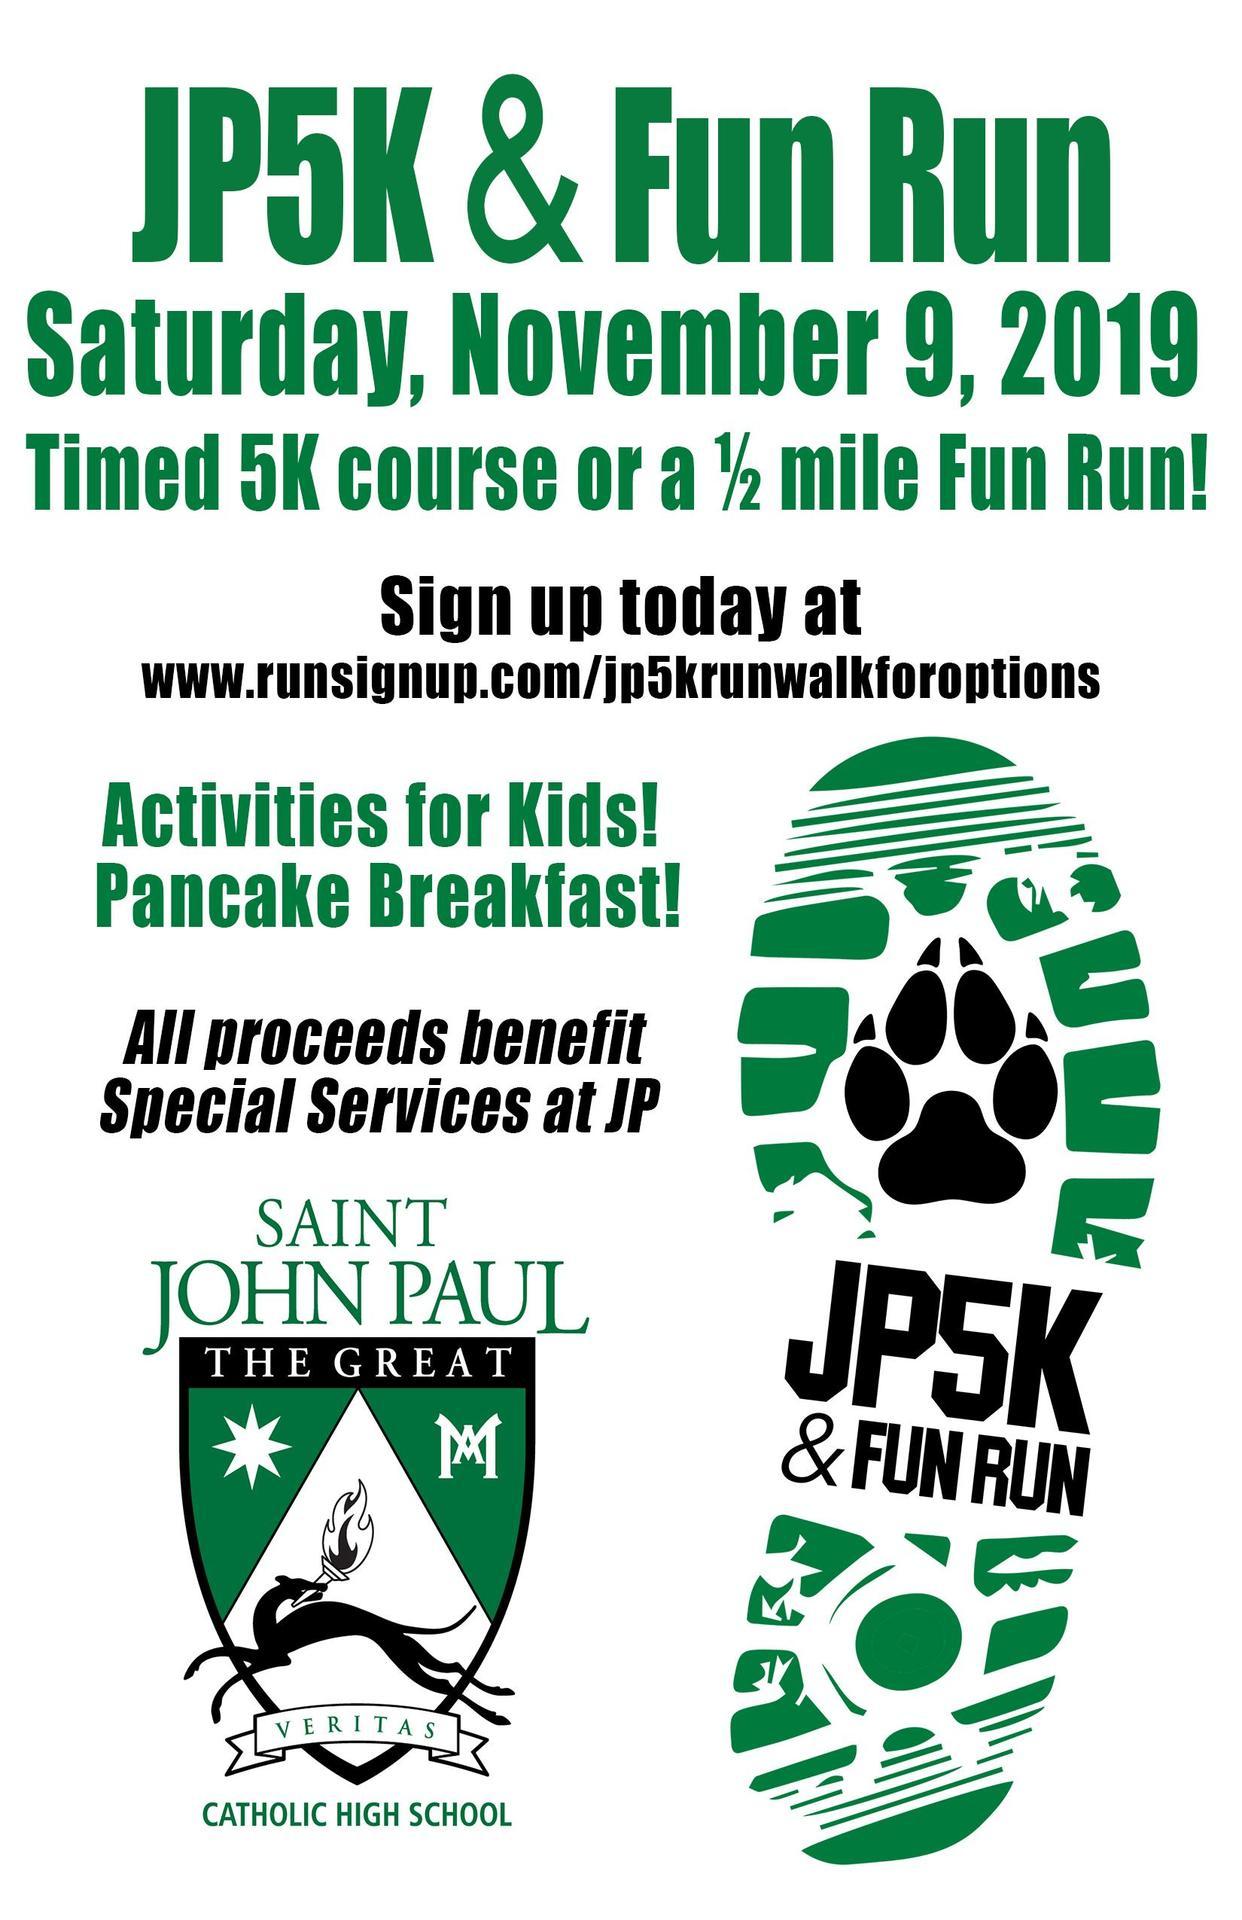 JP5K and Fun Run